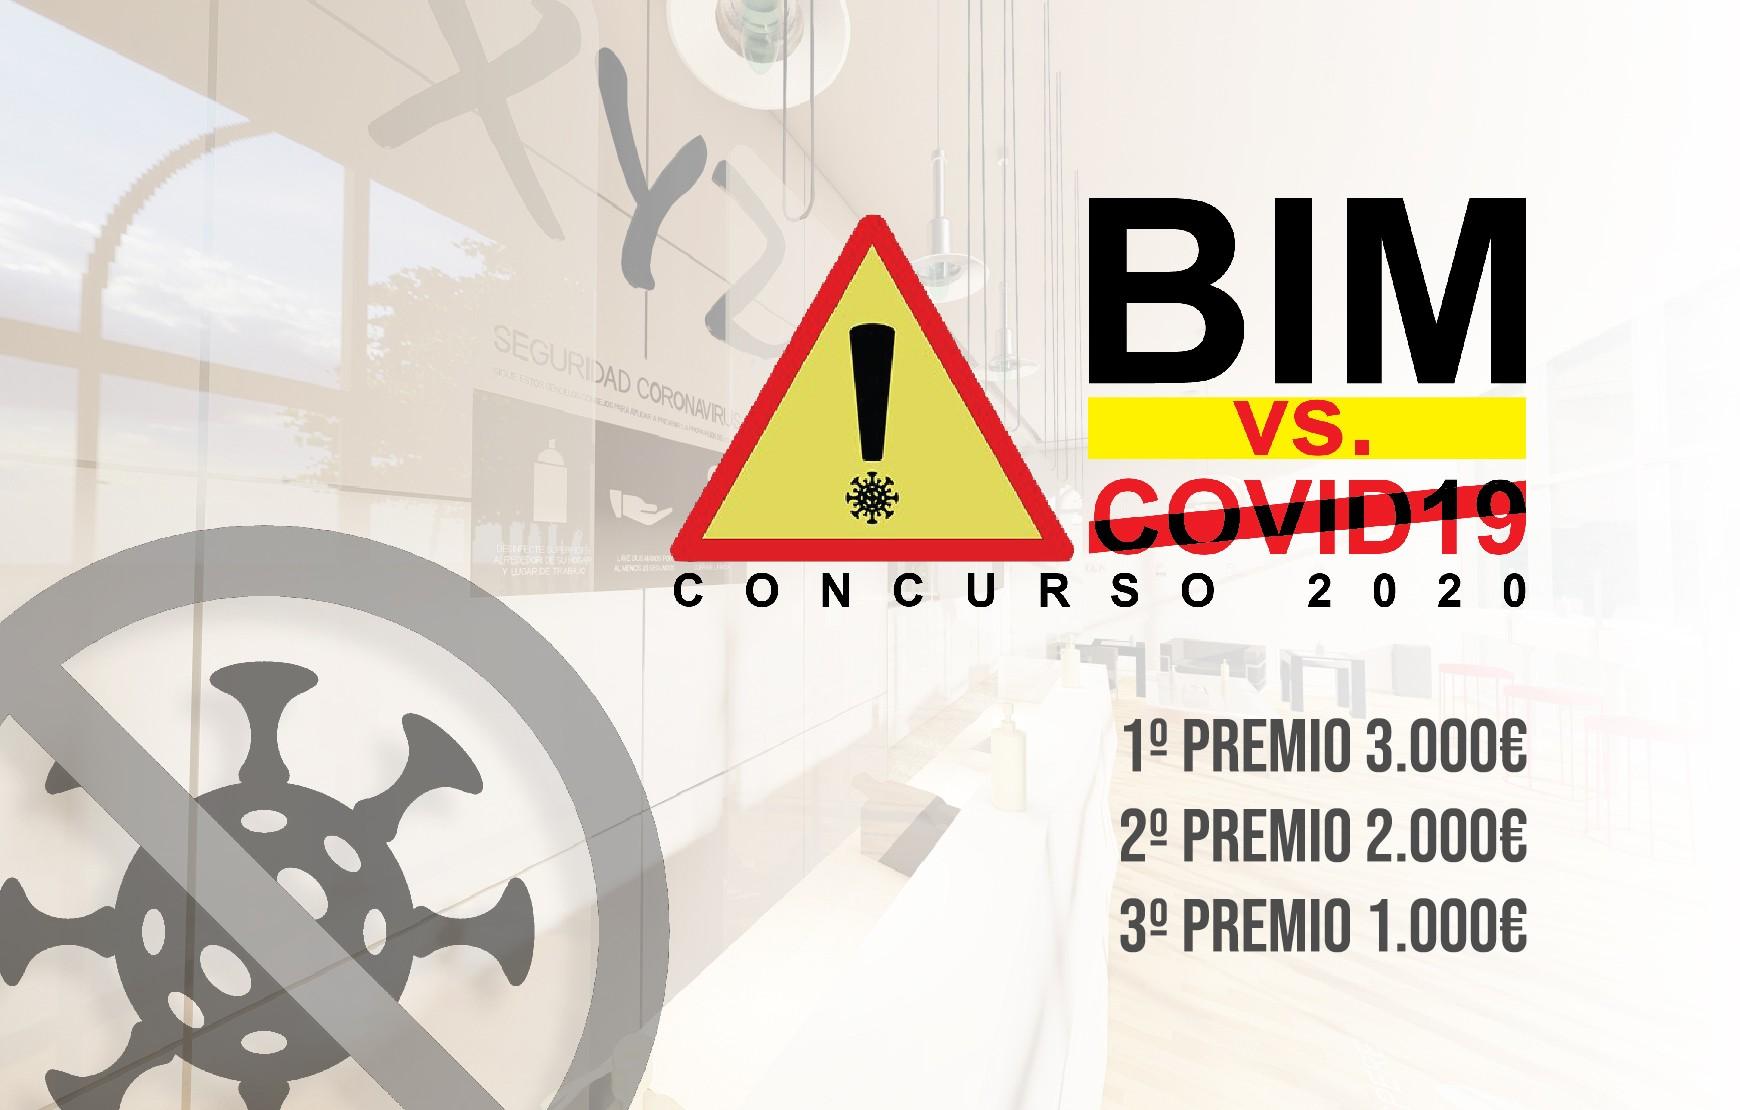 Concurso BIM Vs COVID19 foto de portada bimchannel2